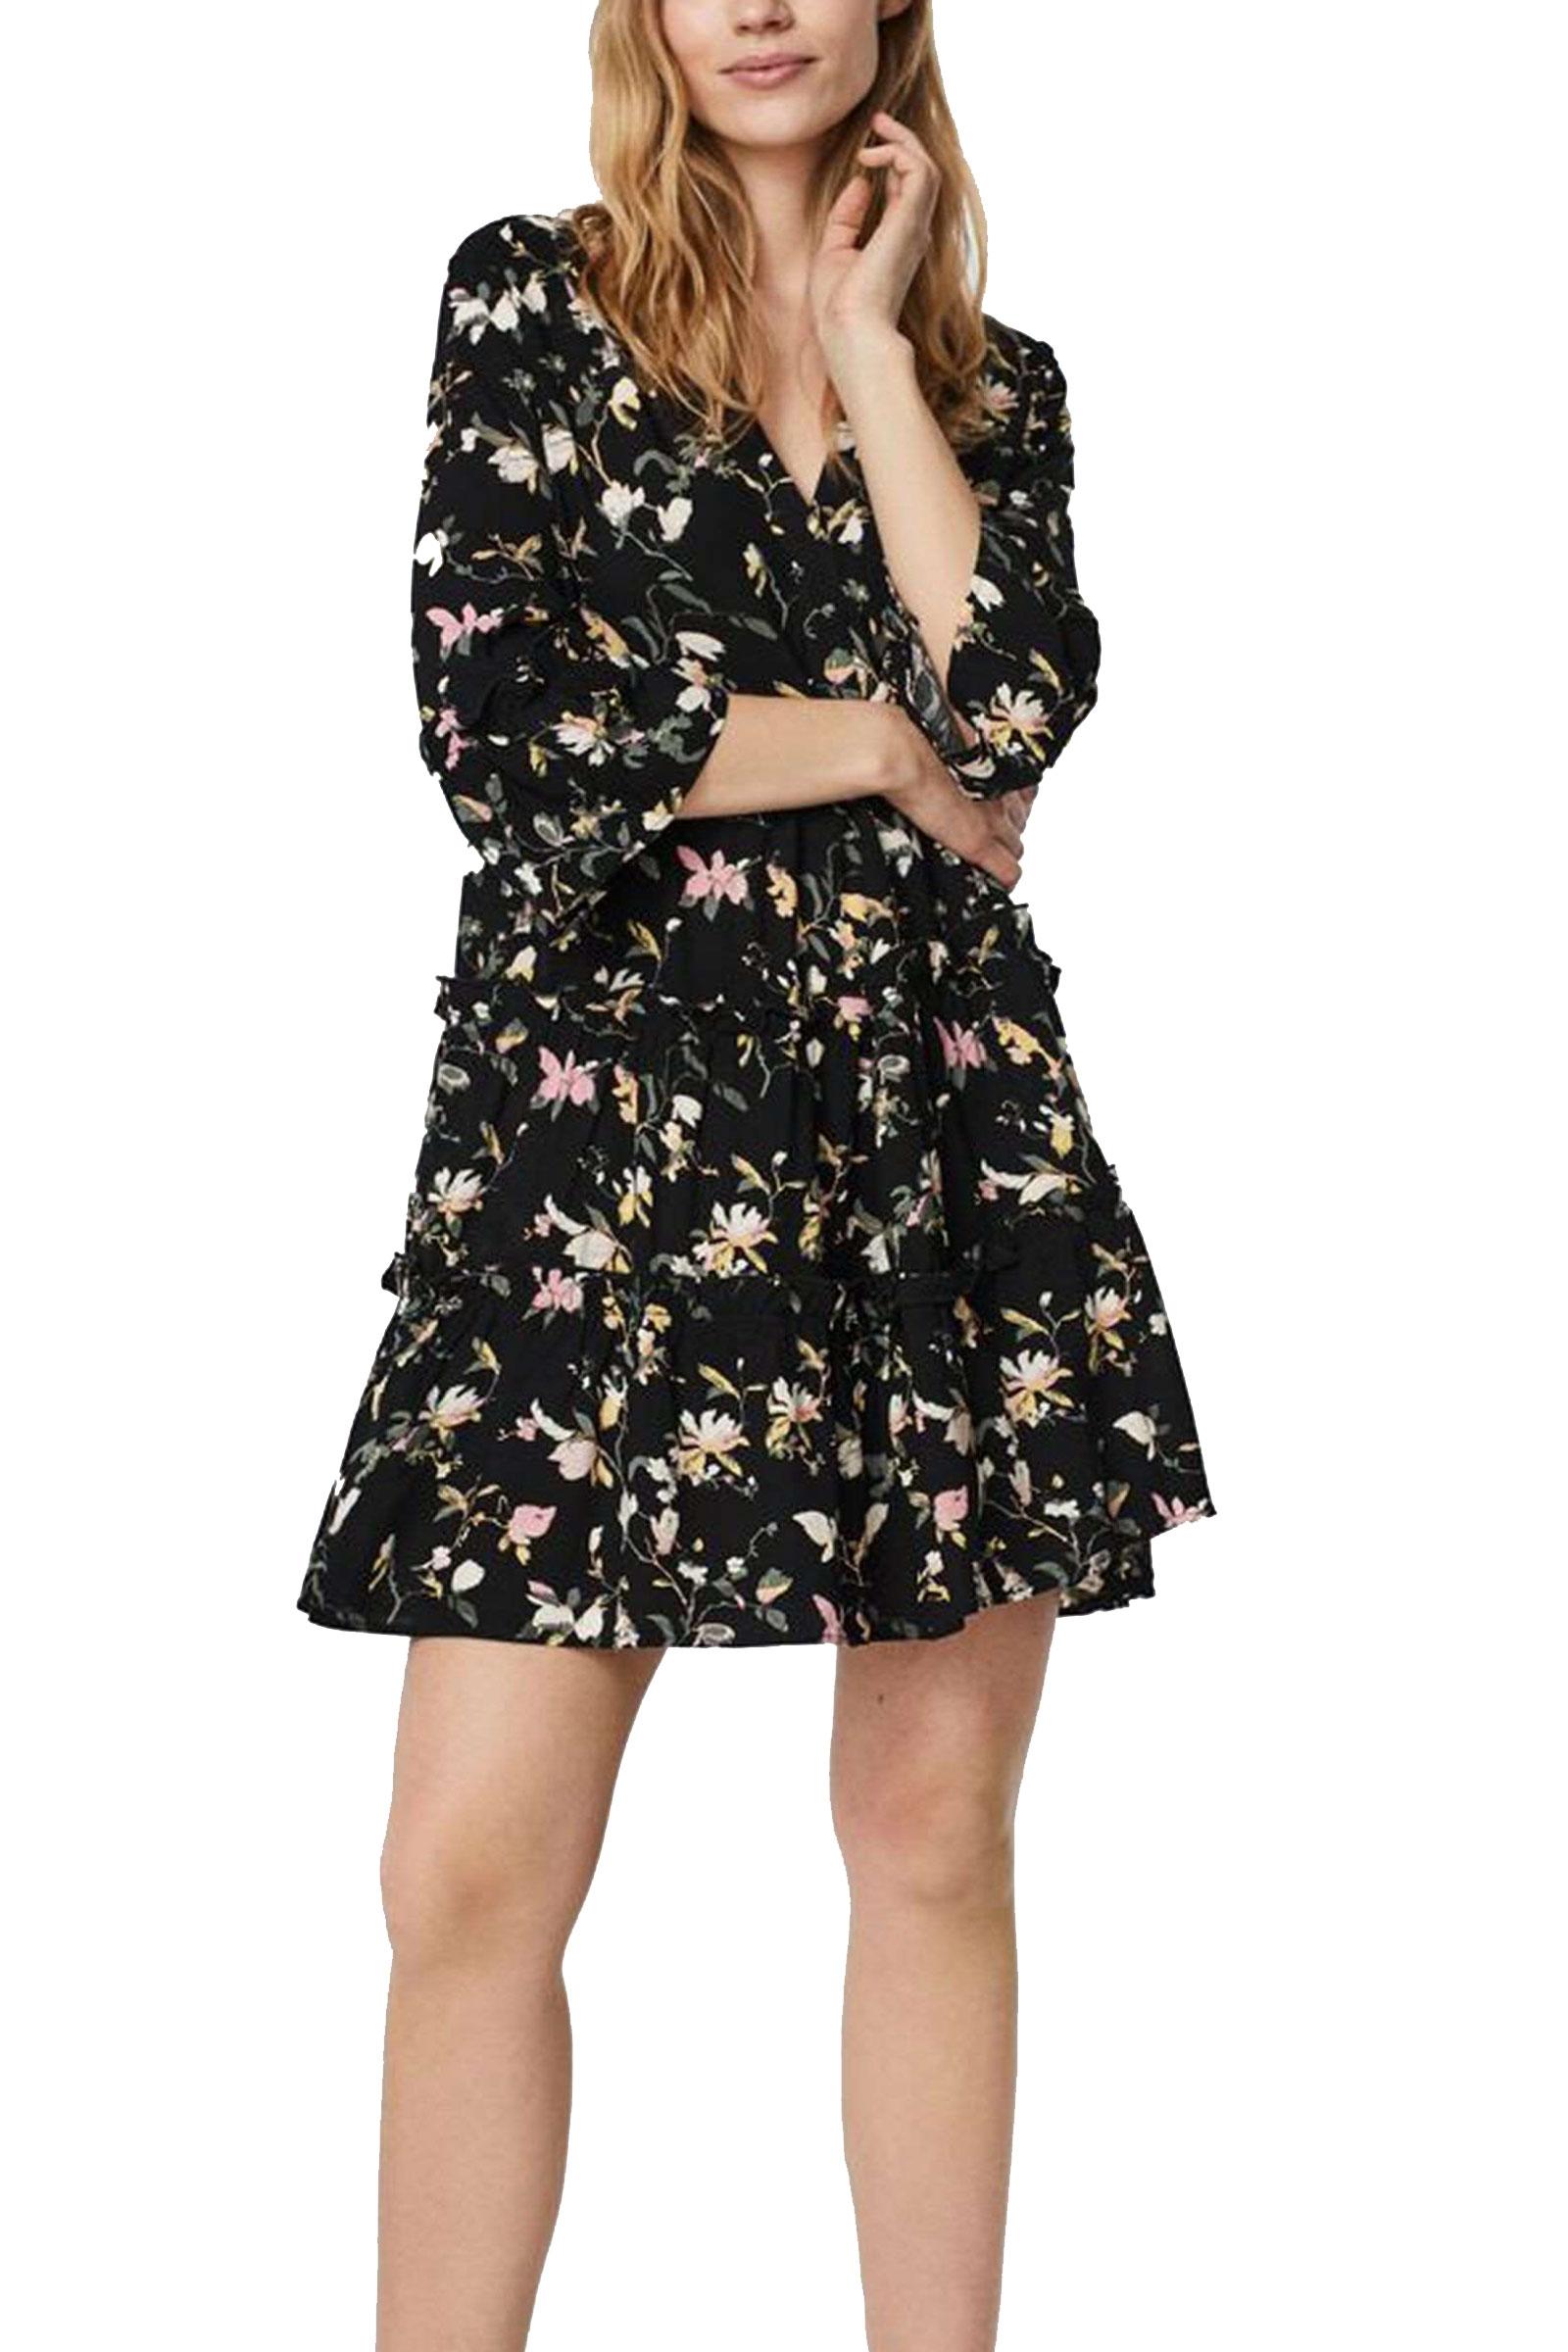 VERO MODA VESTITO CORTO Donna Modello SIMPLY EASY 3/4 VERO MODA | VESTITO CORTO | 10245162Black